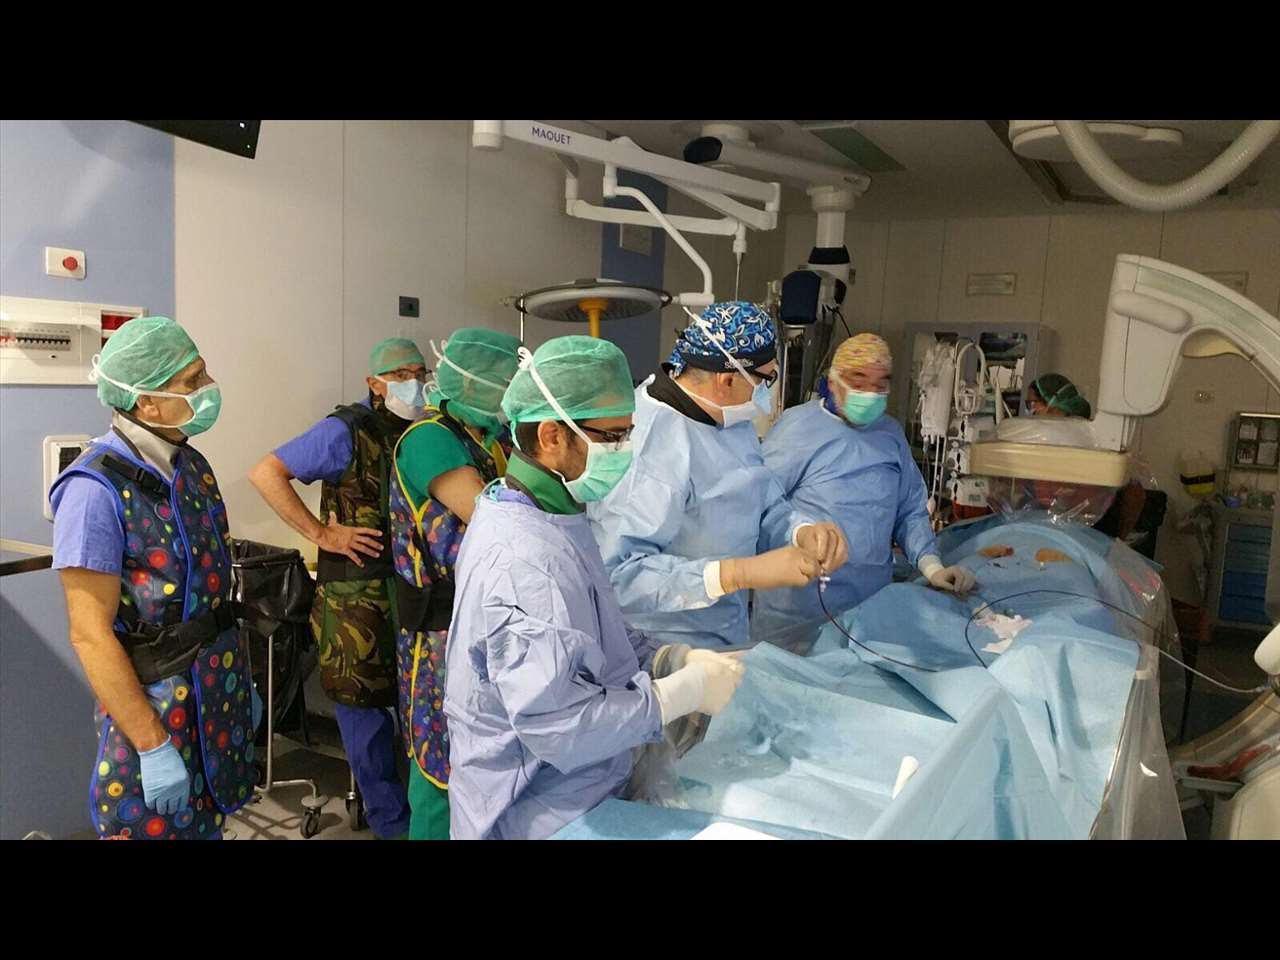 Intervento chirurgico salvavita all'ospedale di Perugia per rottura aorta